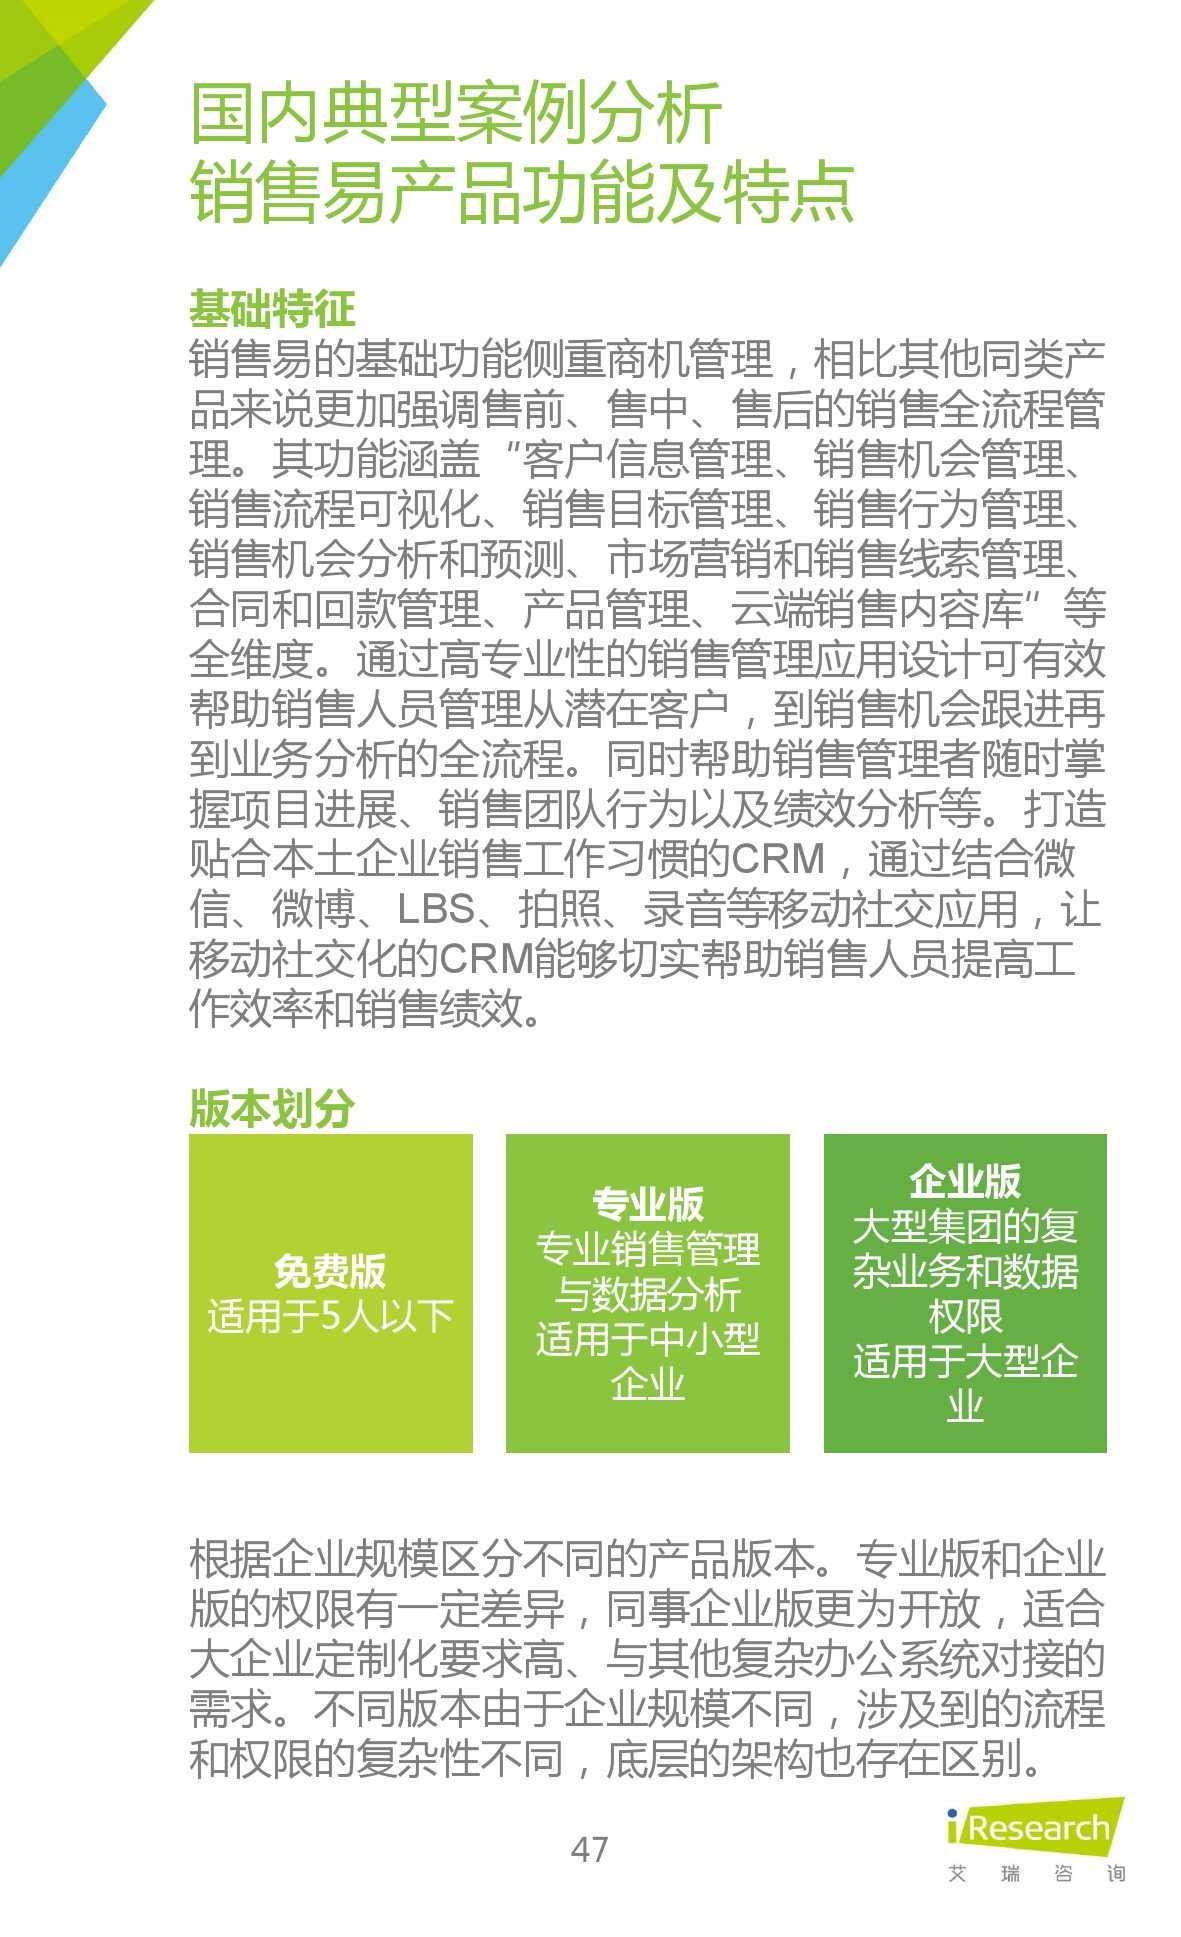 2015年中国移动销售CRM行业研究报告_000047